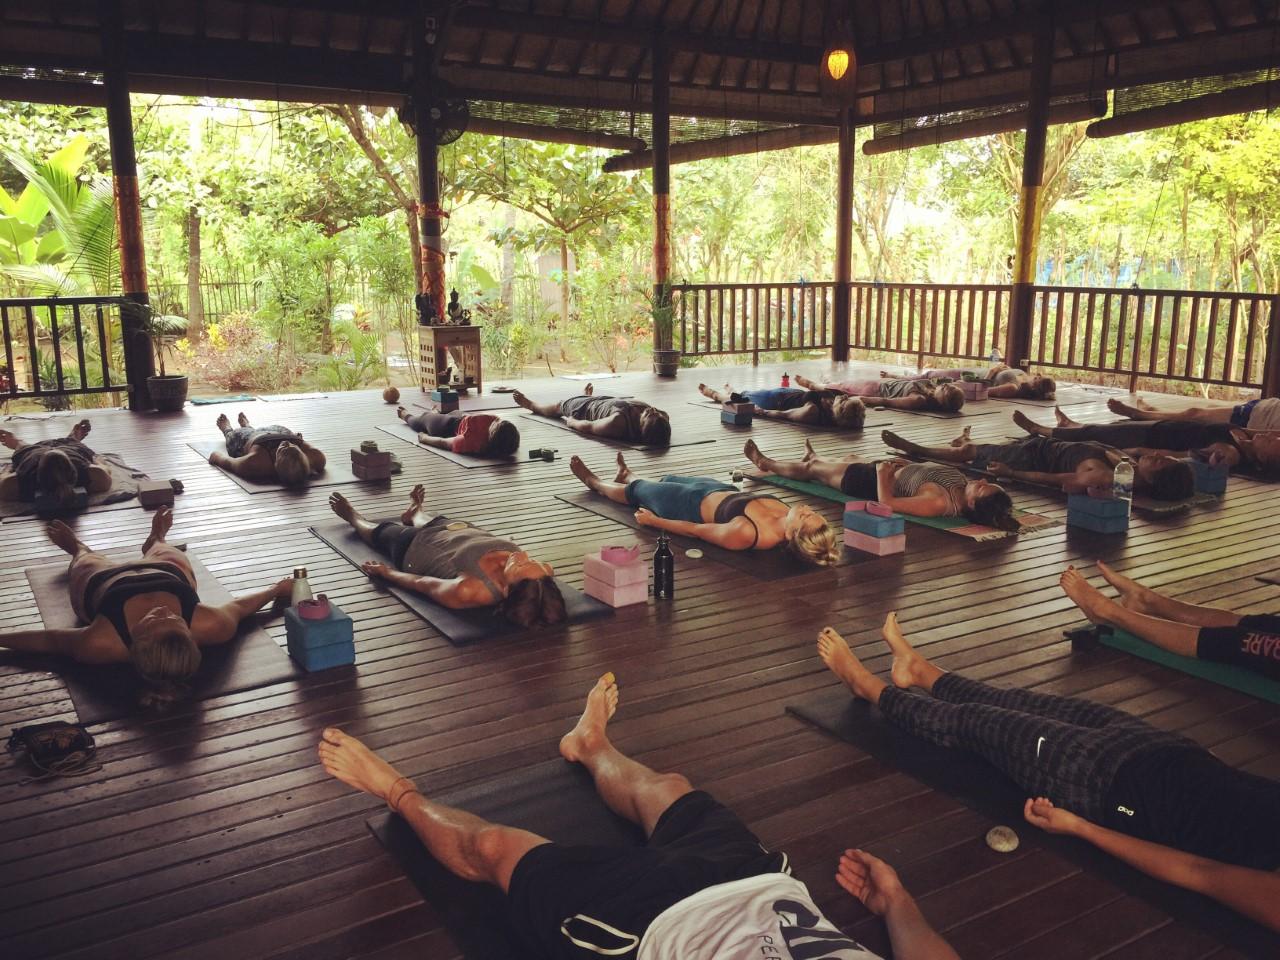 Serenity Yoga, The Lembongan Traveller, Yoga, Lembongan, Nusa Lembongan